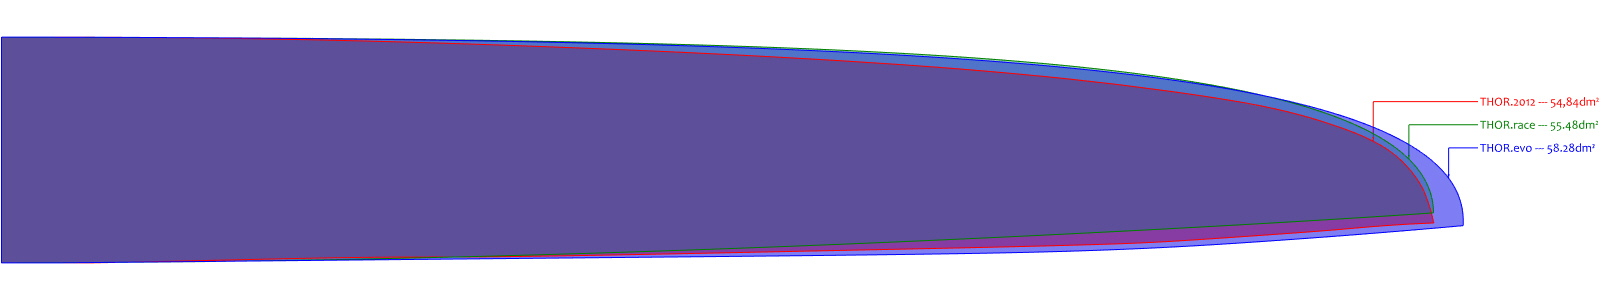 Flügel Rendering 001.jpg